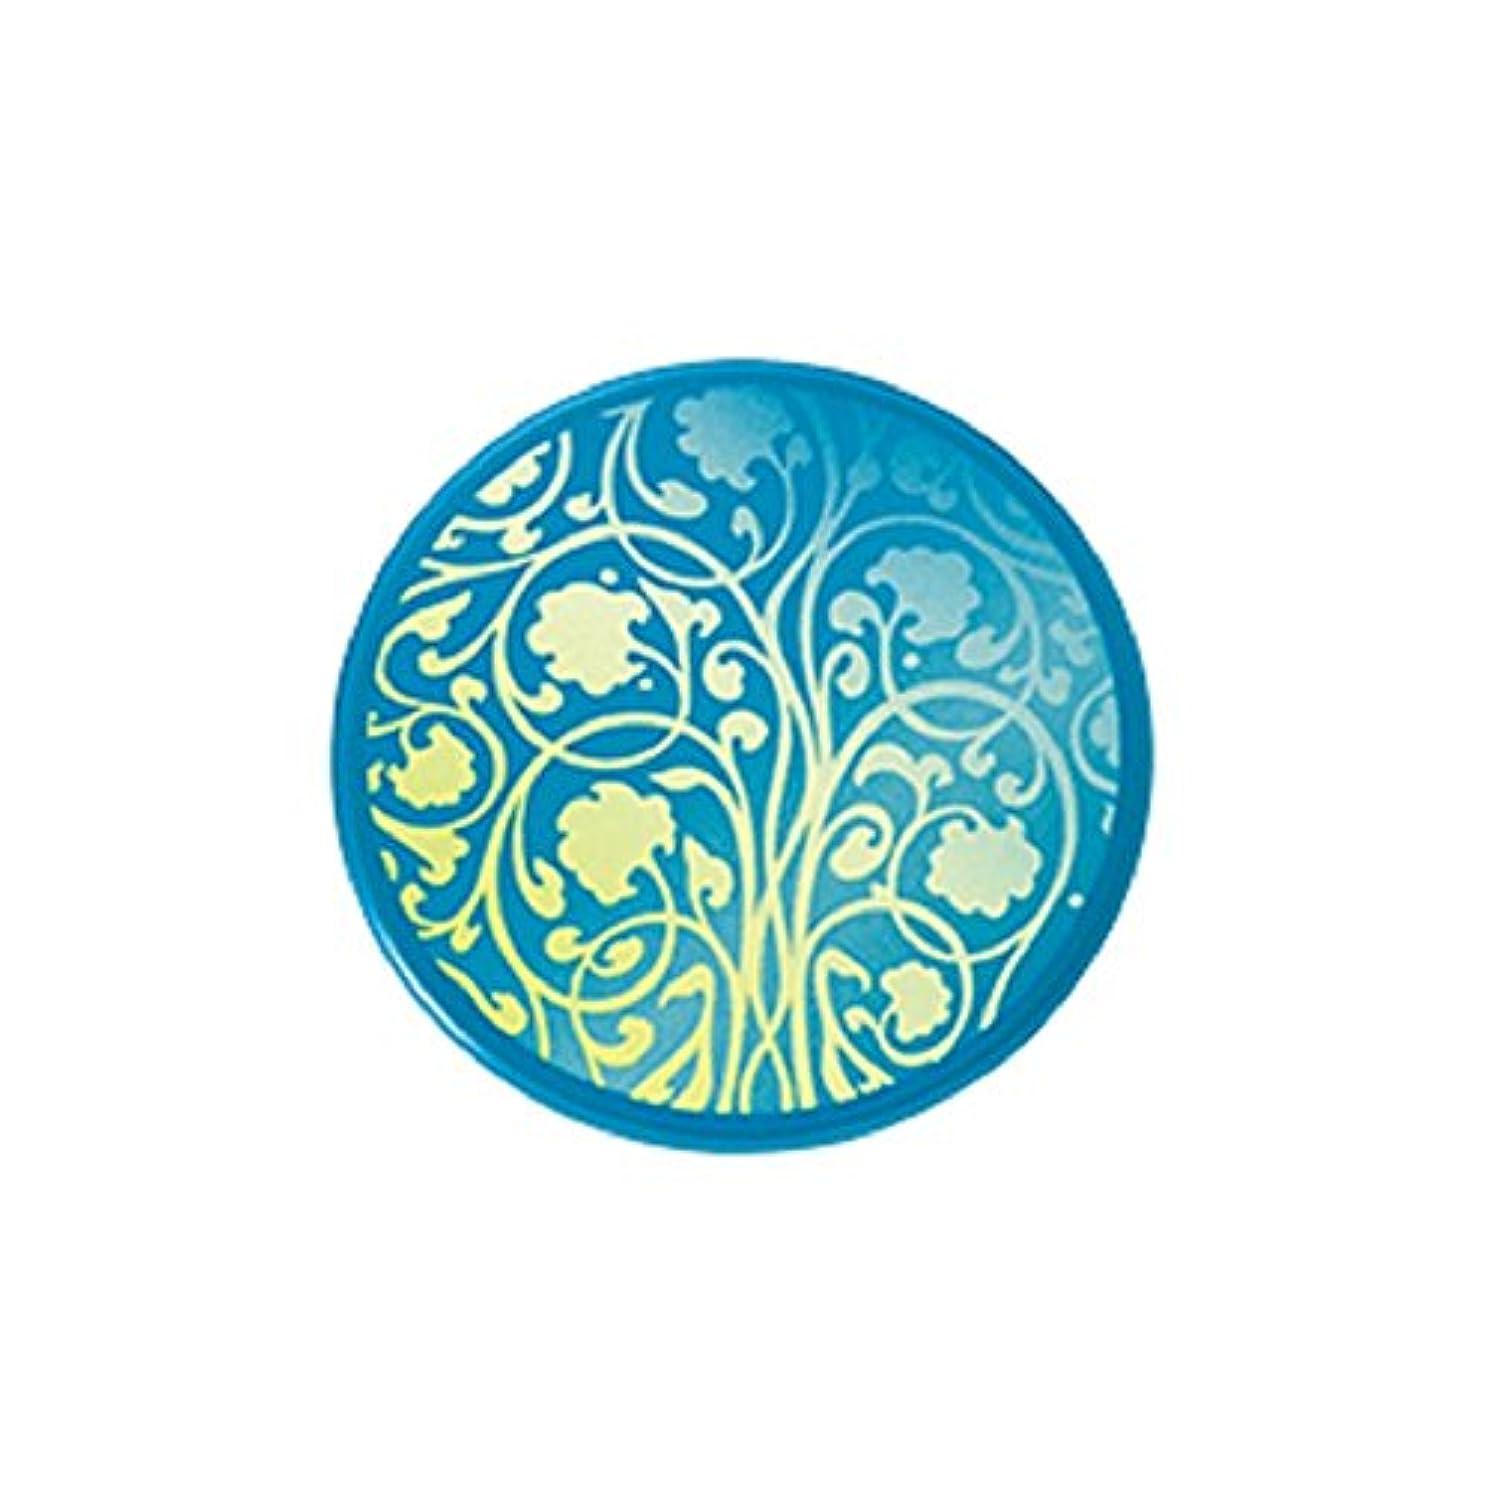 いらいらする幅終わりアユーラ (AYURA) ウェルフィット アロマバーム 14g 〈ソリッドパヒューム〉 心地よい森林の香気